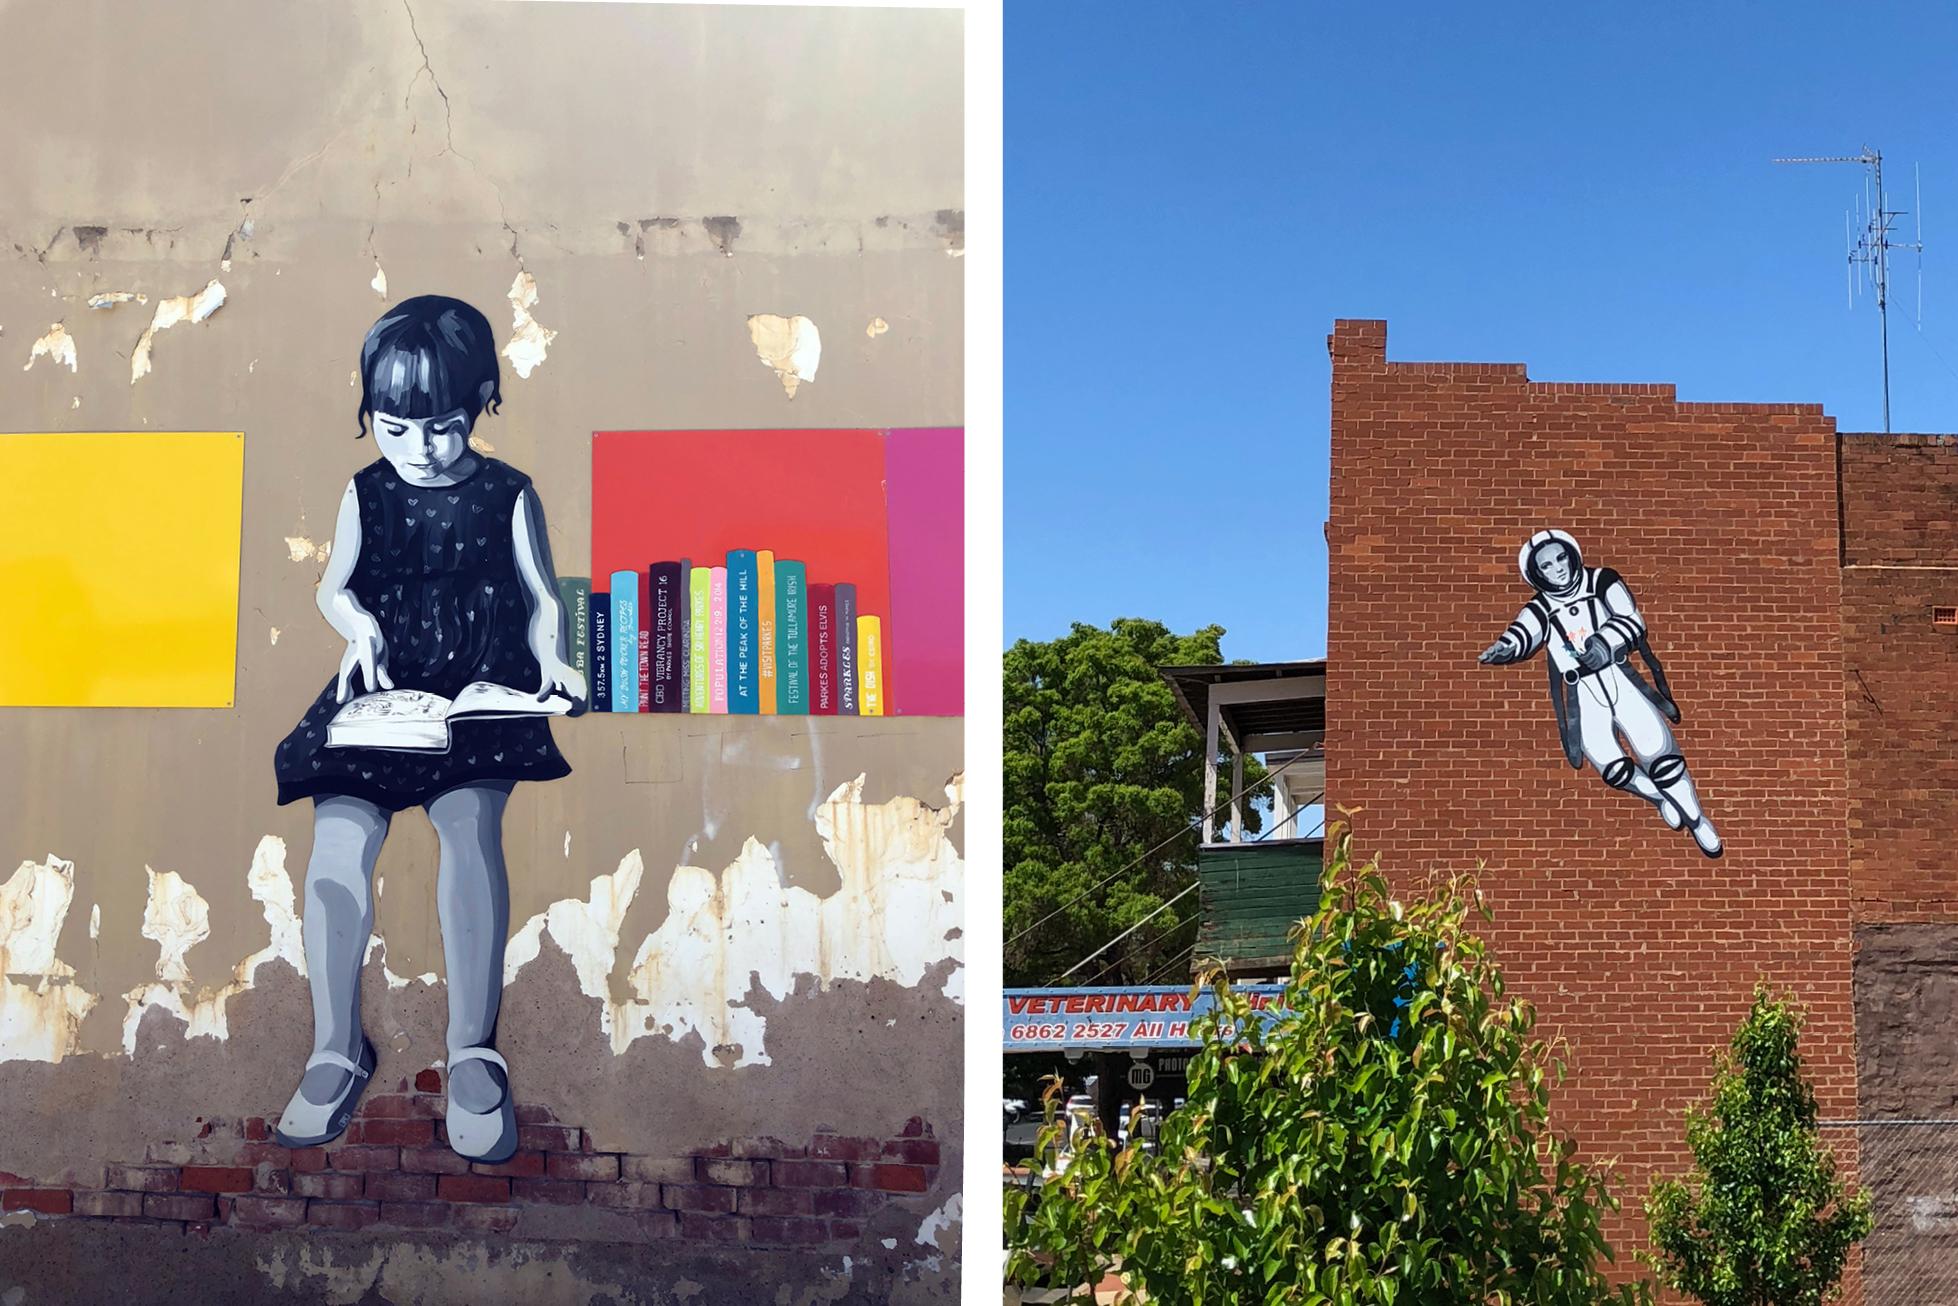 Parkes Street Art 2